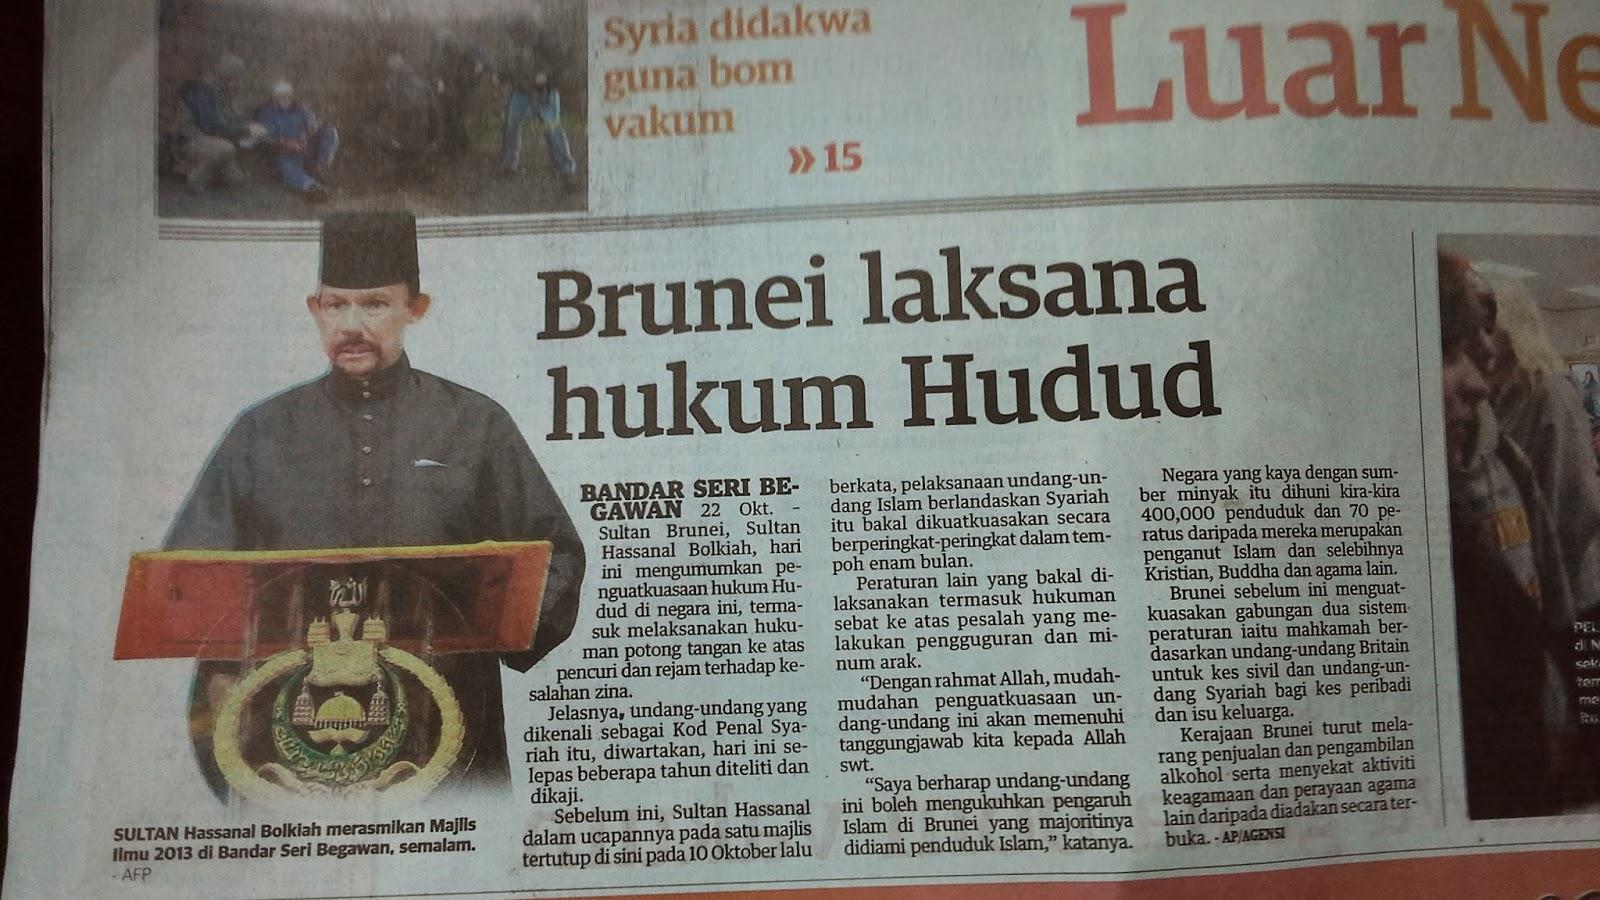 Hukum forex di brunei